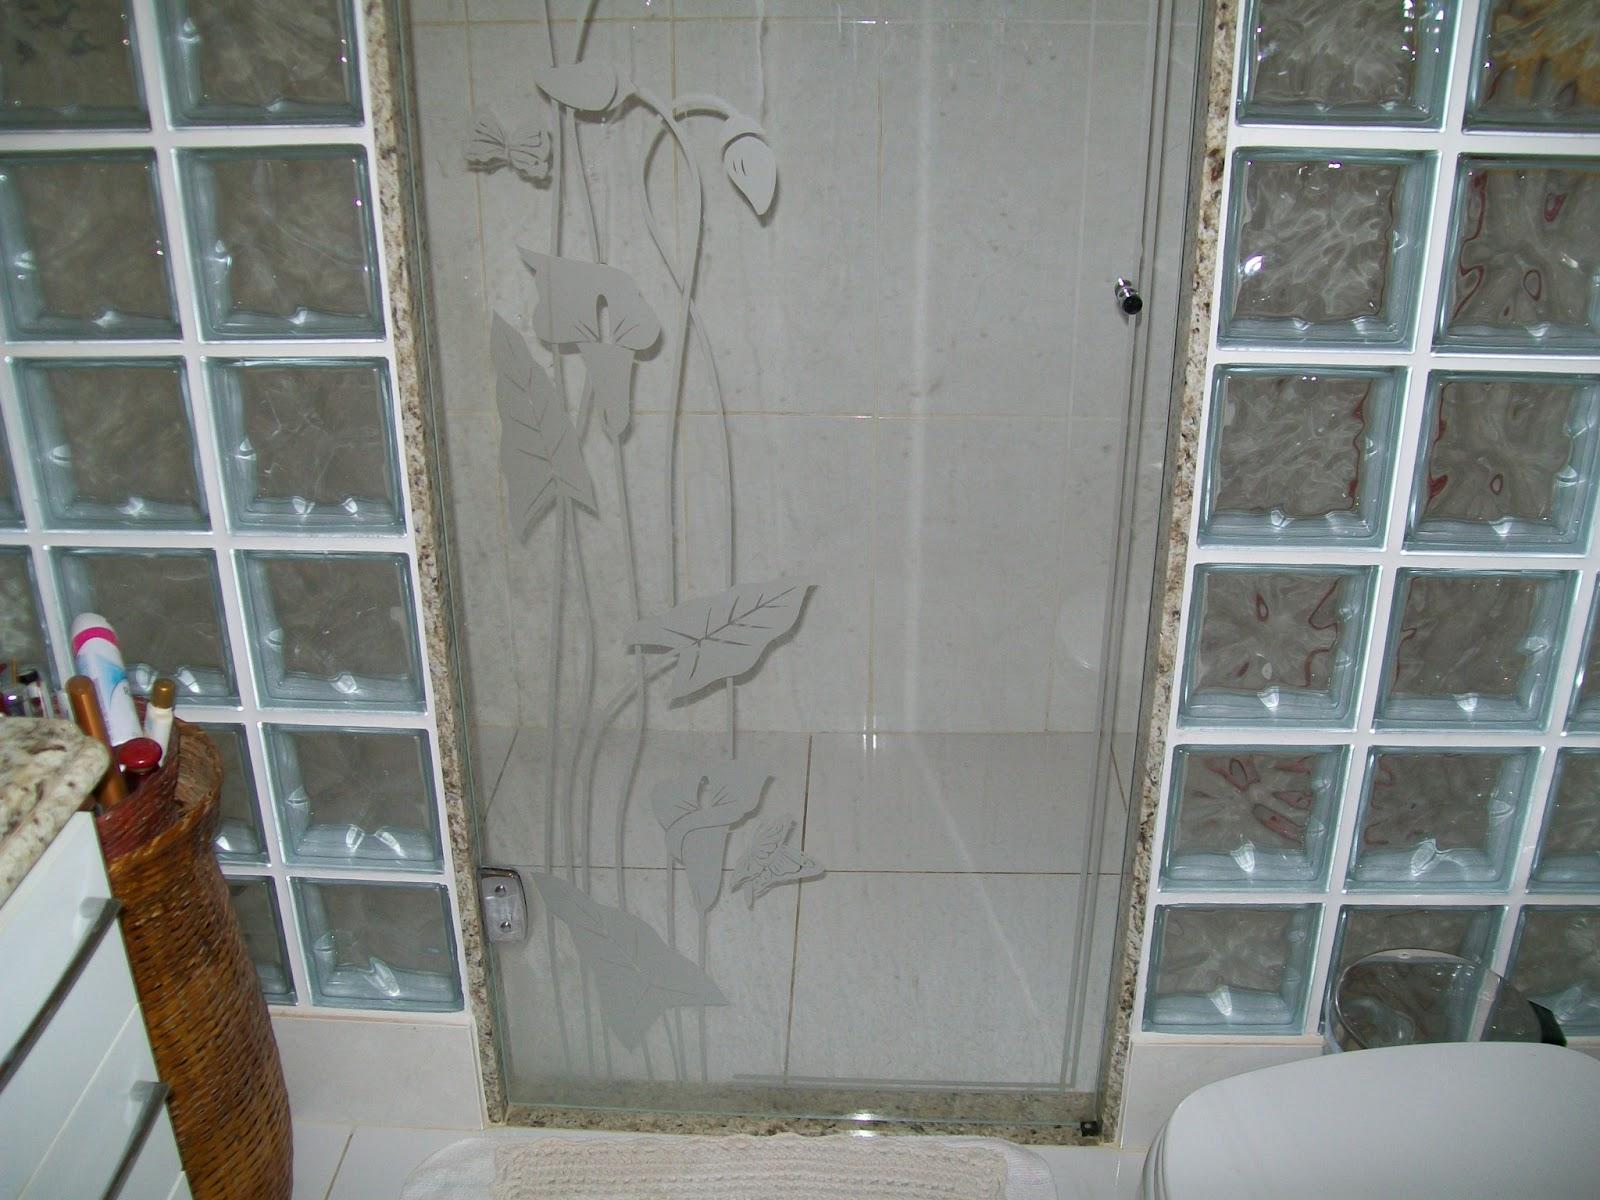 Como Fazer Box Banheiro Acrilico  gotoworldfrcom decoração de banheiro simp -> Decoracao De Banheiro Com Tijolos De Vidro